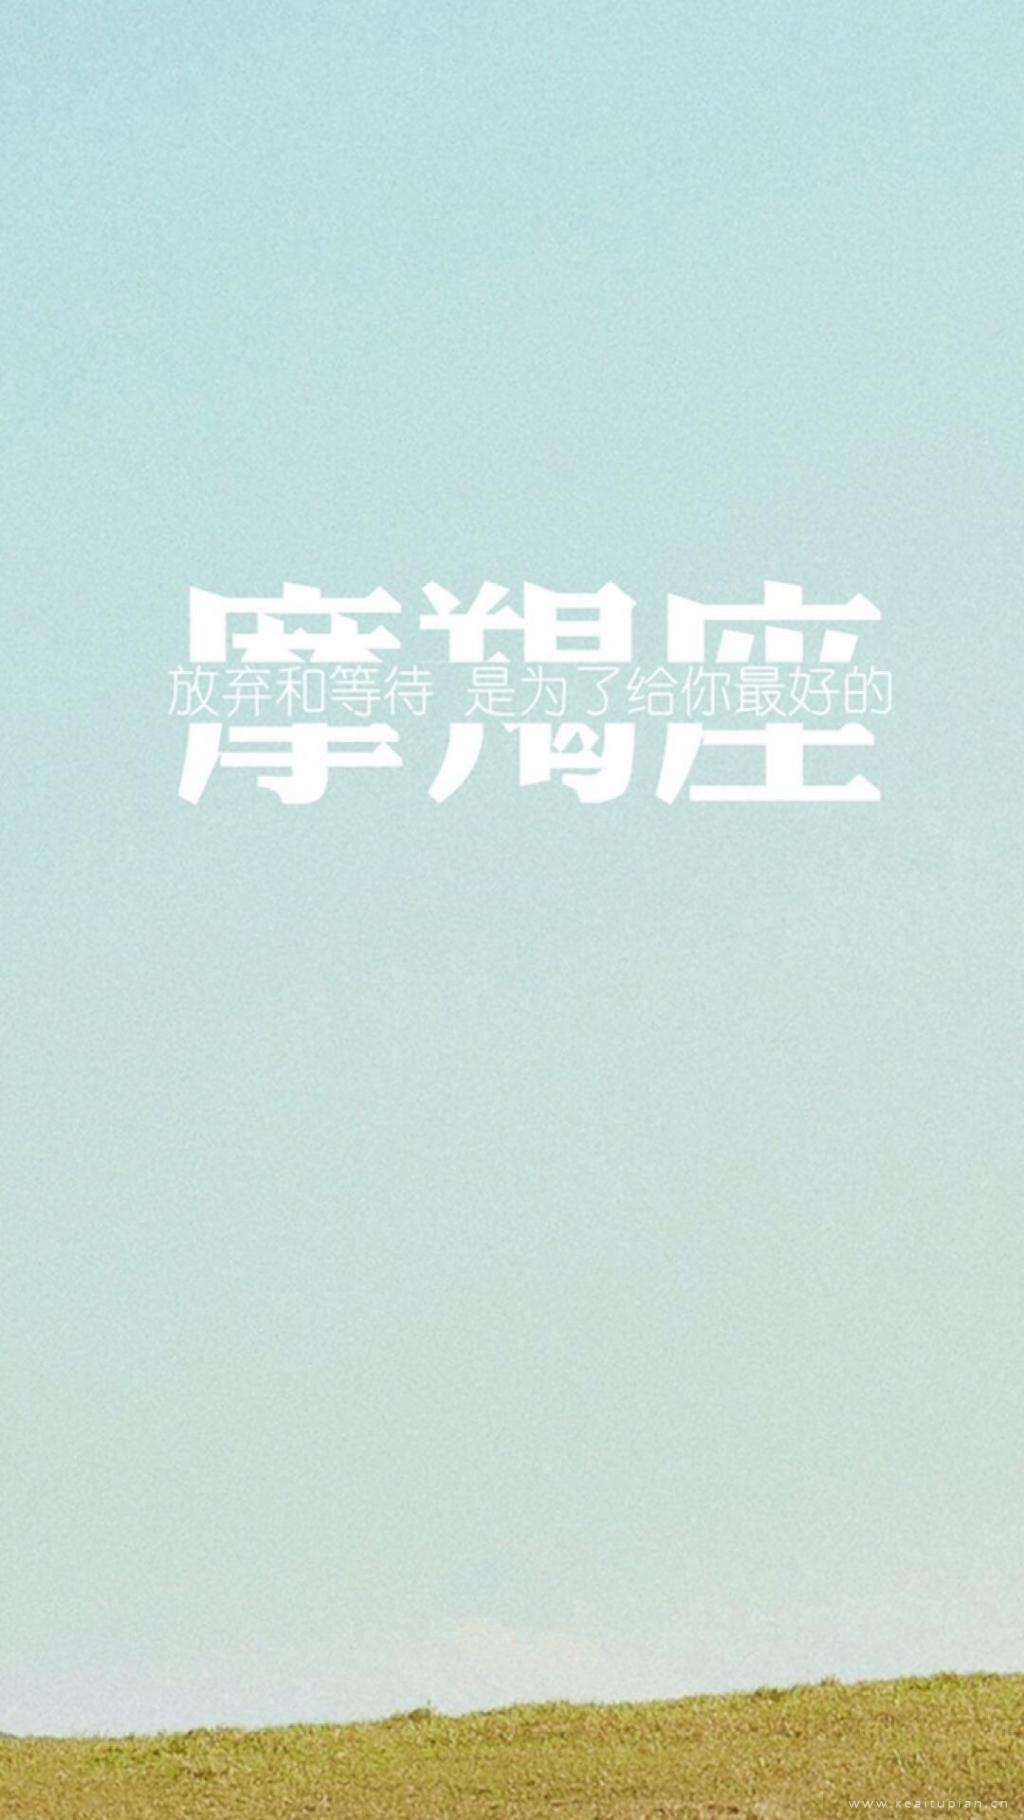 摩羯座个性文字语录风景壁纸图片